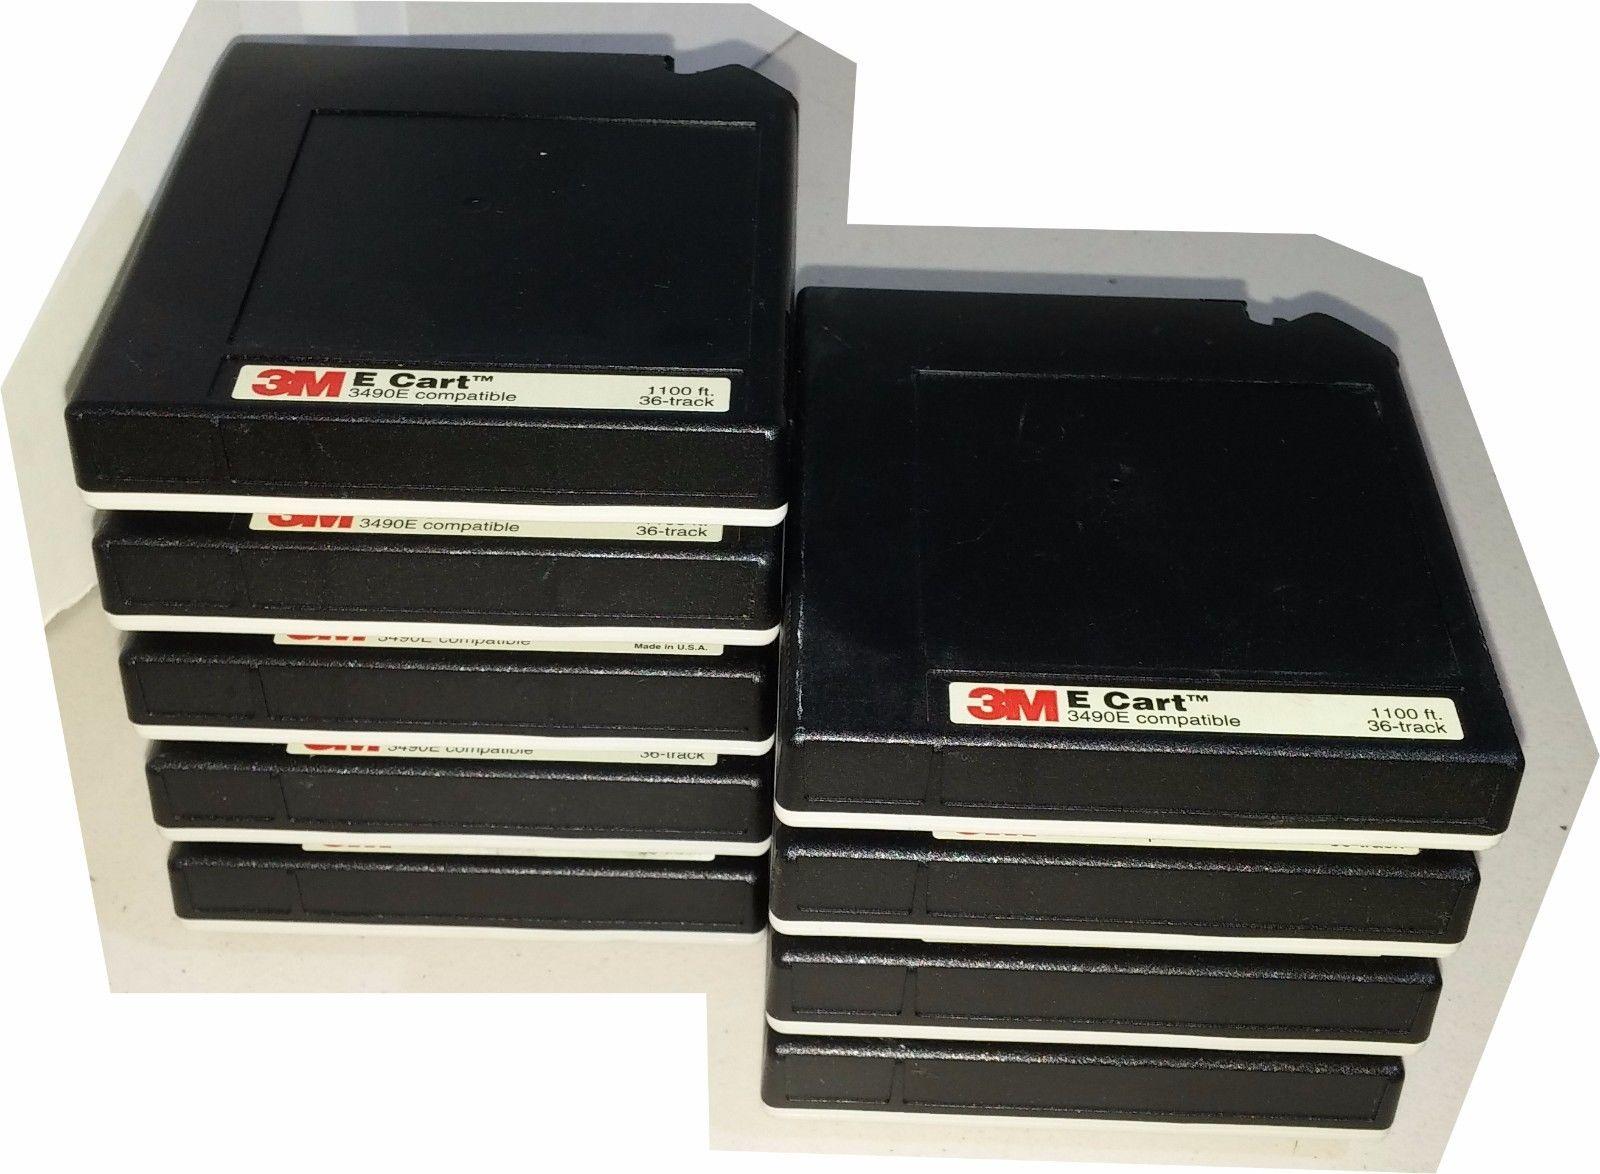 3M E Cart 3490E 1 2 Tape Cartridge LOT OF 9 42473 Adhesive Networks